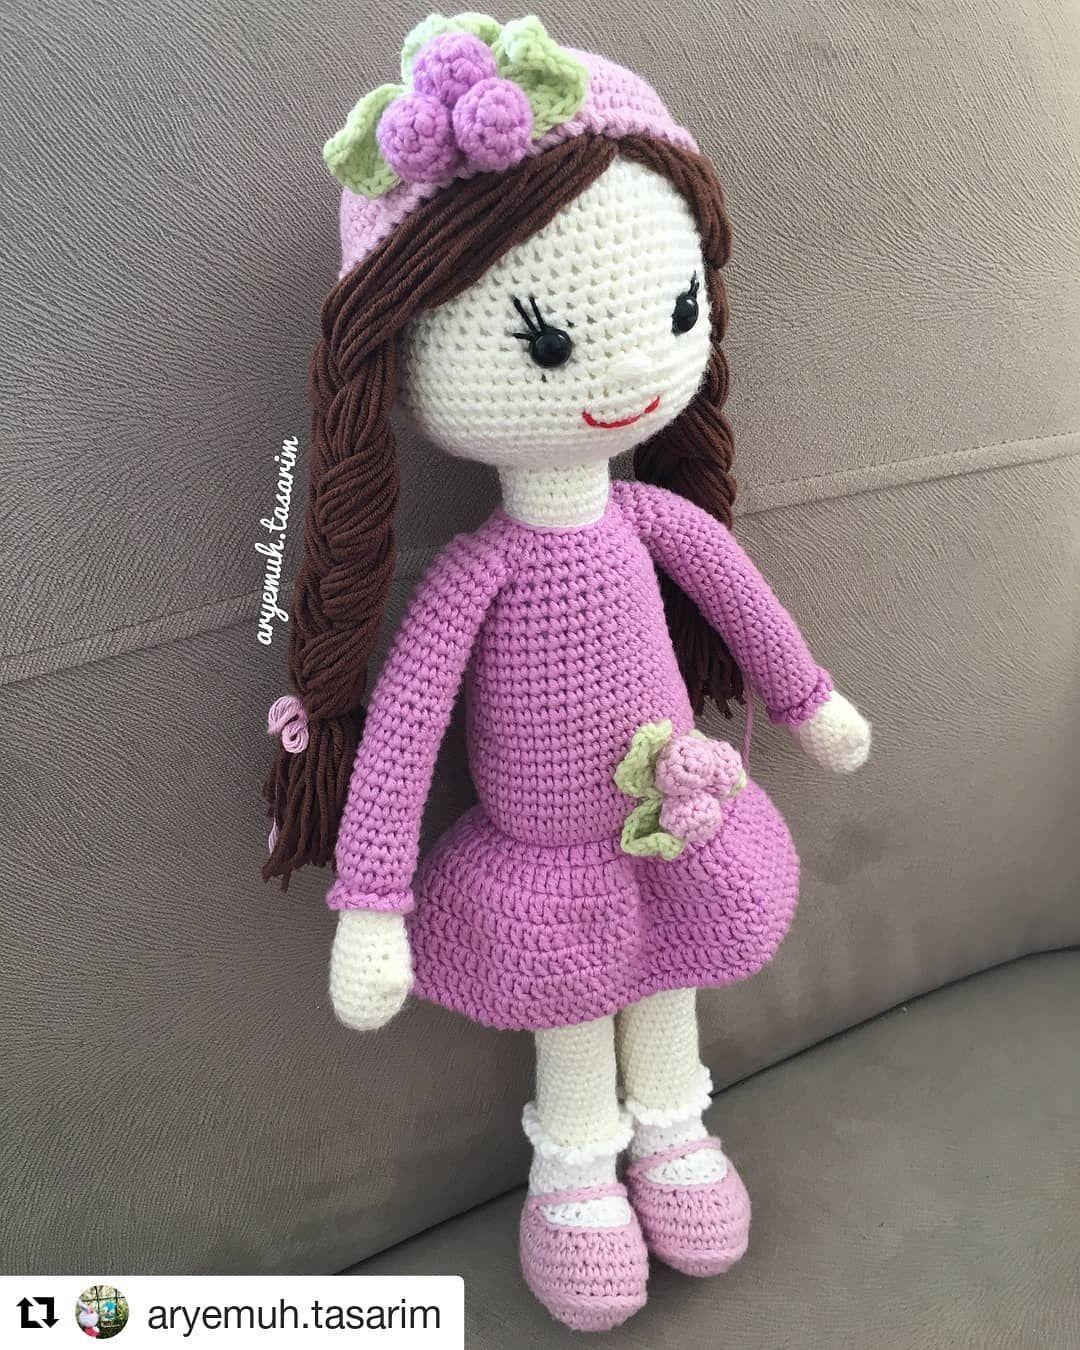 Free Crochet Amigurumi Doll Pattern Tutorials Baby Dolls Crochet